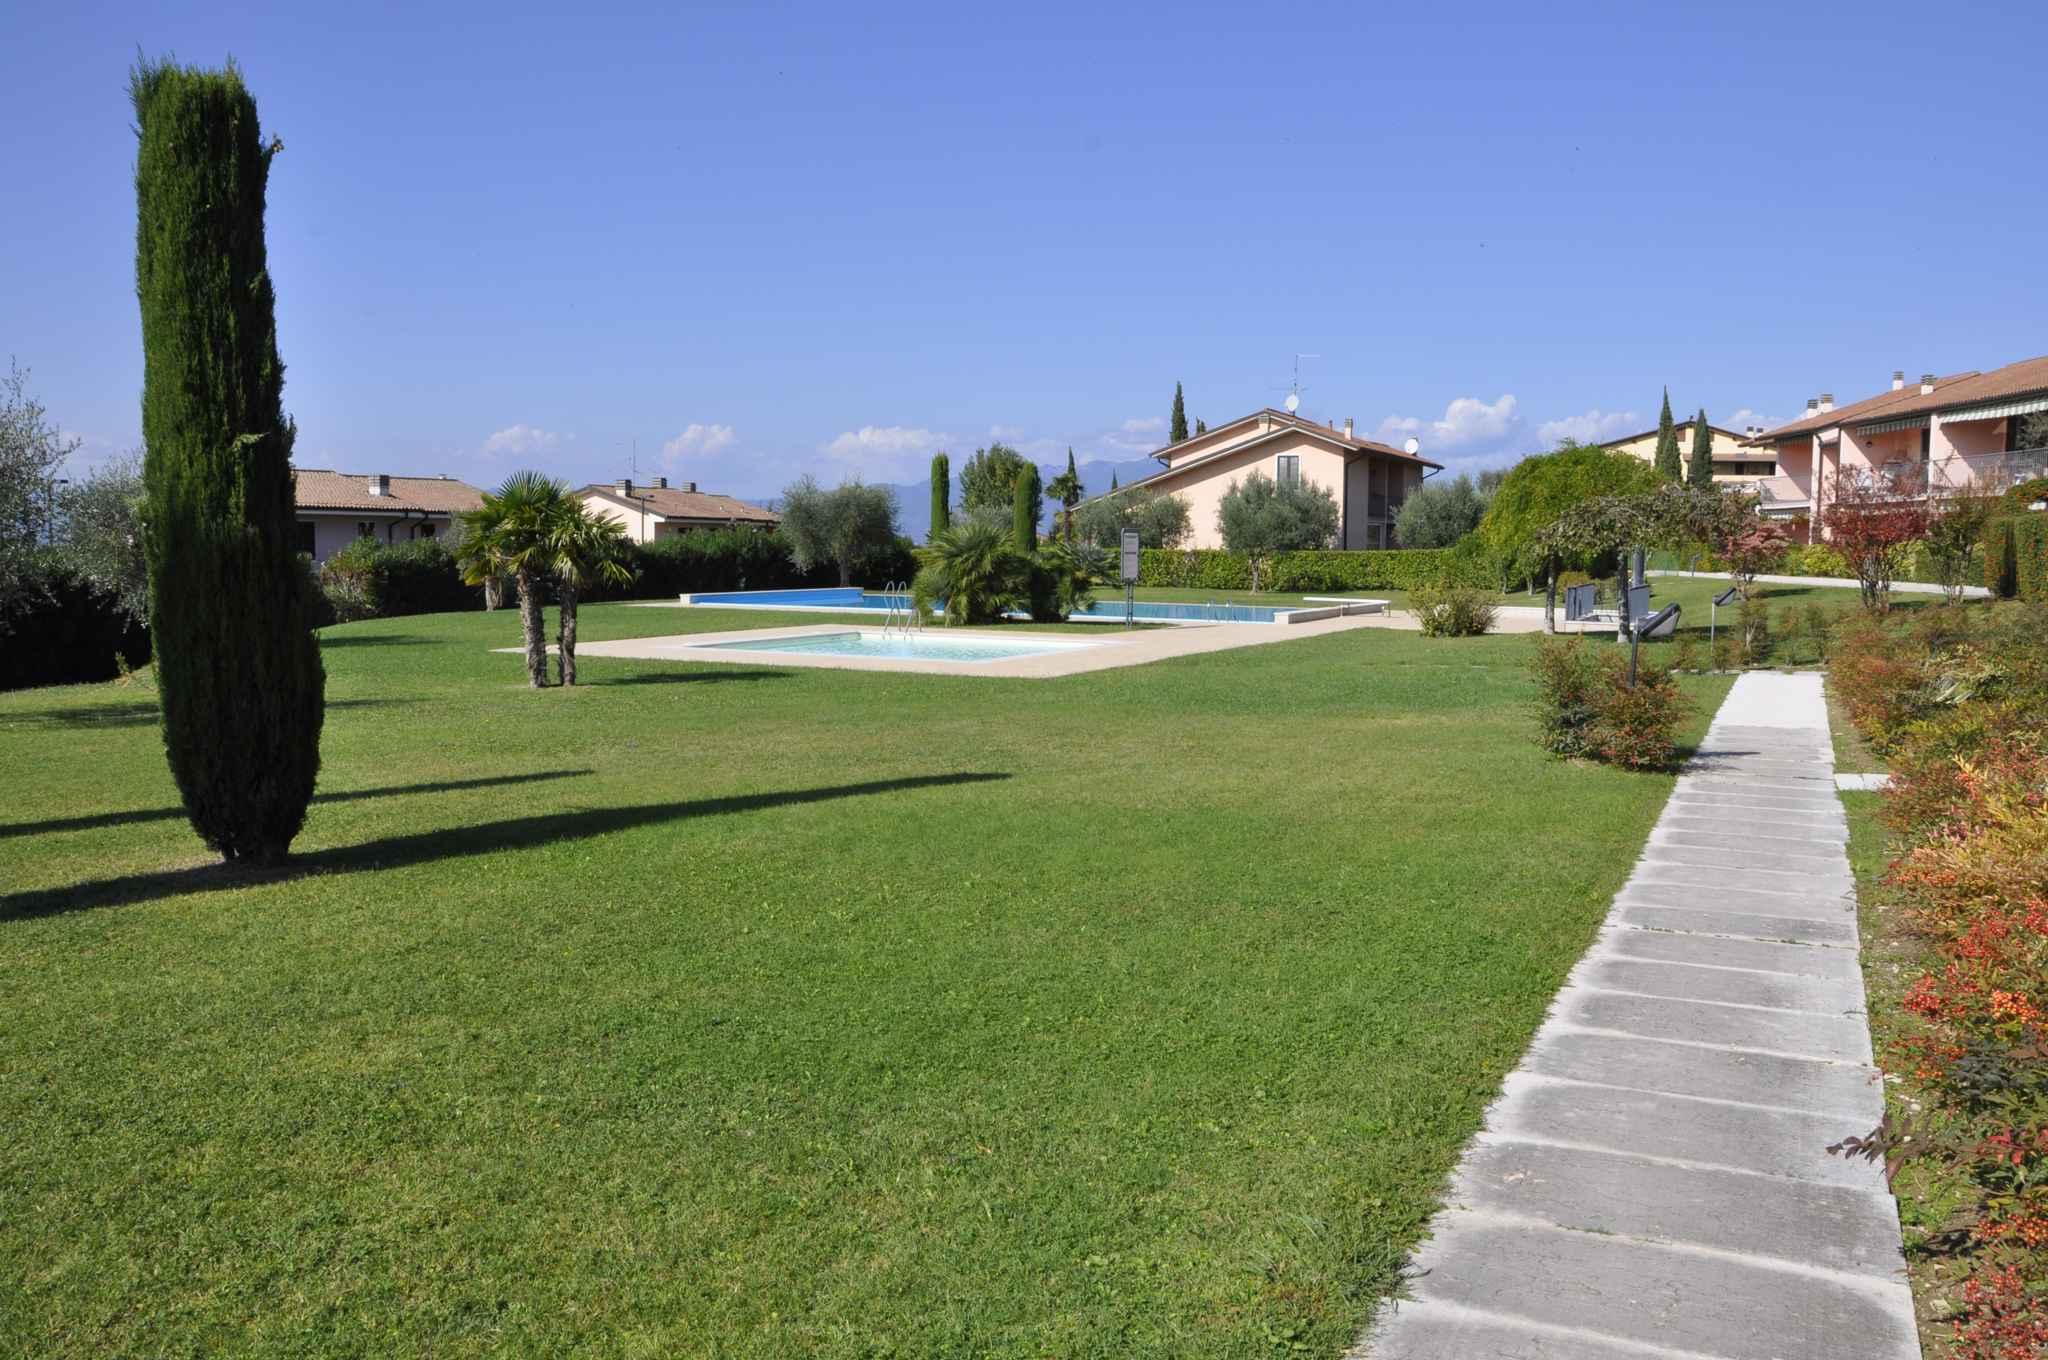 Ferienwohnung con piscina (279601), Lazise, Gardasee, Venetien, Italien, Bild 4